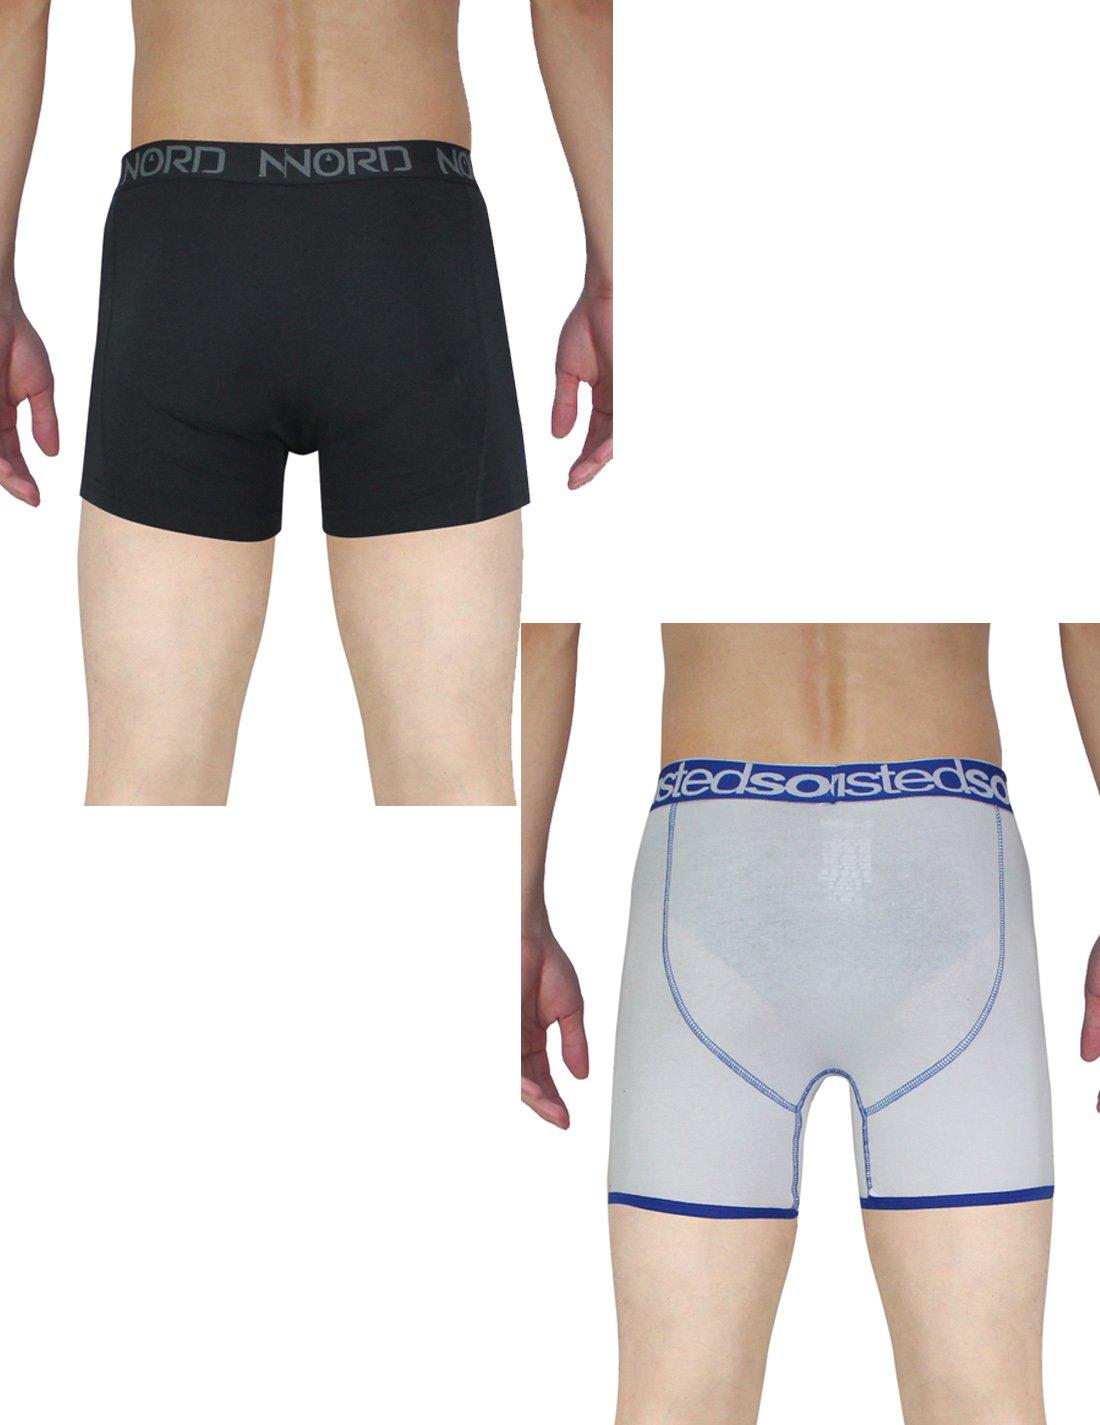 (Pack of 2) Herren Finest Komfortable Fit Boxershorts / Unterwäsche XL  schwarz & White: Amazon.co.uk: Clothing